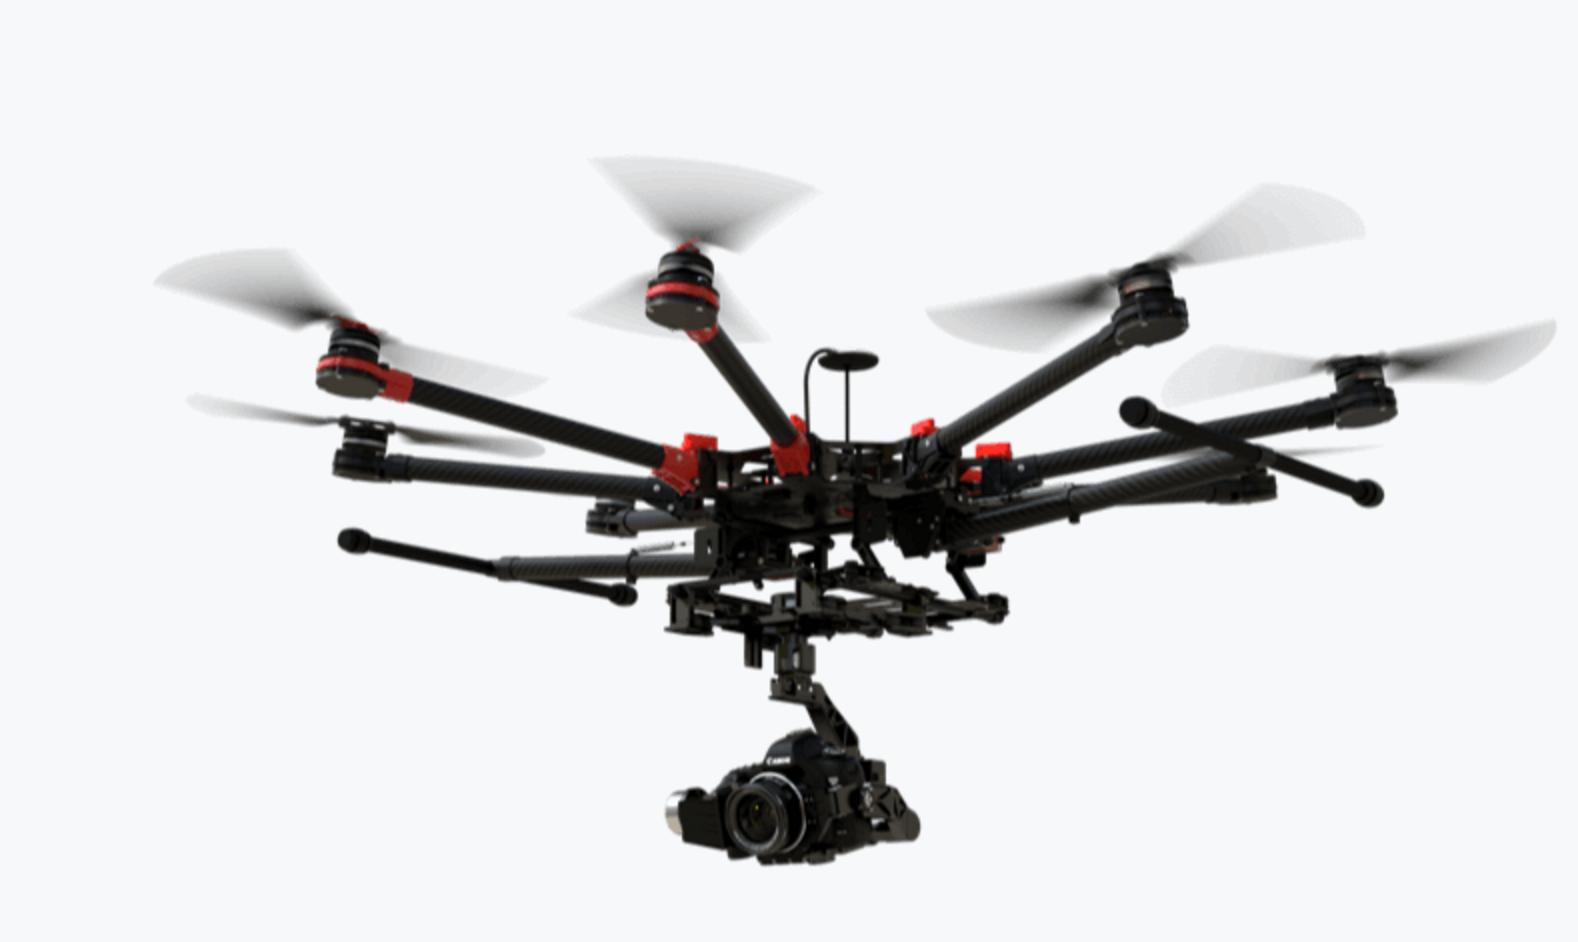 Profesjonelle droner som denne, DJI Spreading Wings S1000+, havner gjerne i RO2- eller RO3-kategoriene. DJI